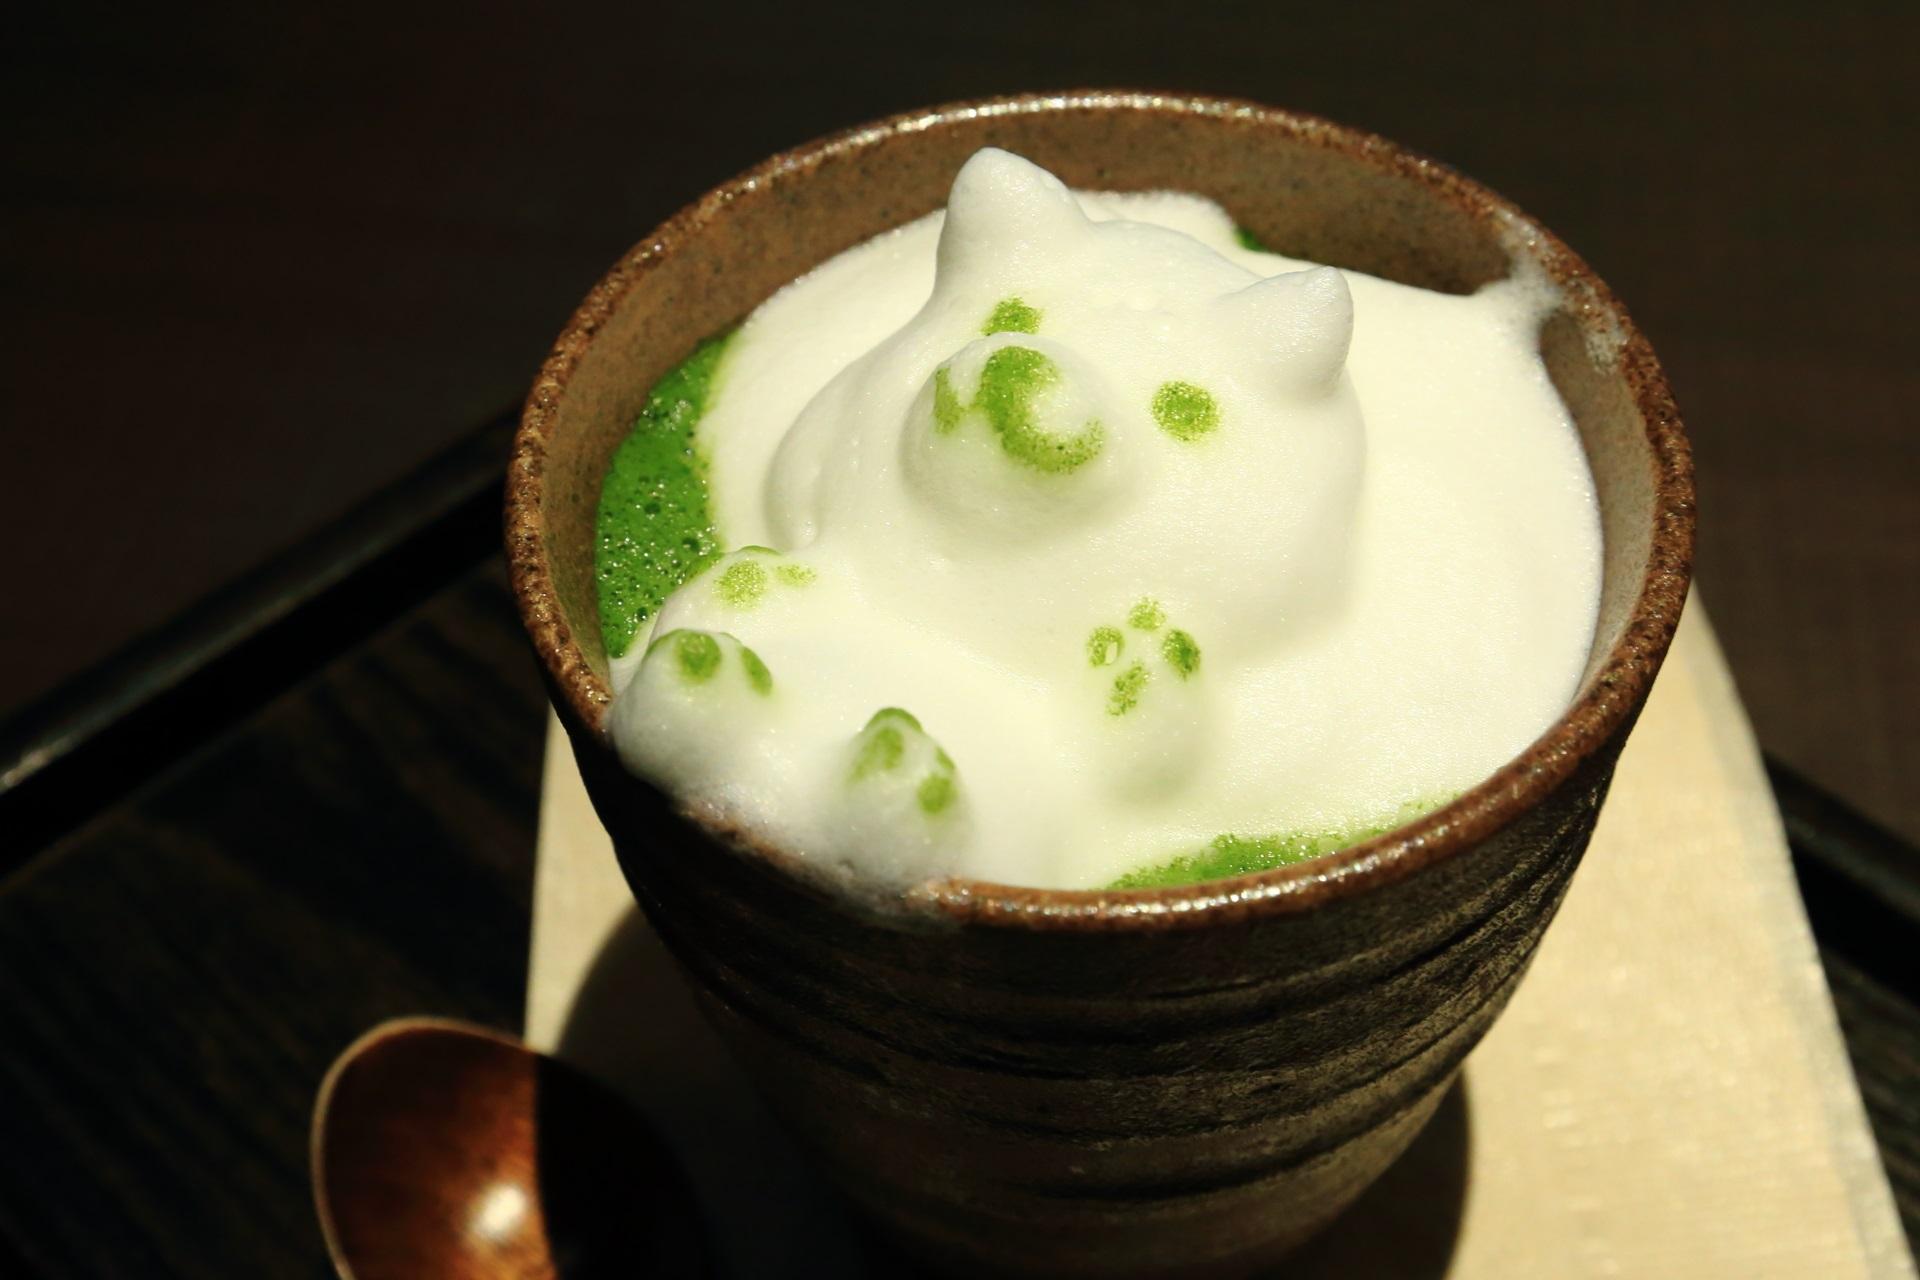 まろ濃い抹茶ラテ【3Dアート】 茶寮翠泉(さりょうすいせん) 甘味処 可愛すぎる抹茶のおもてなし